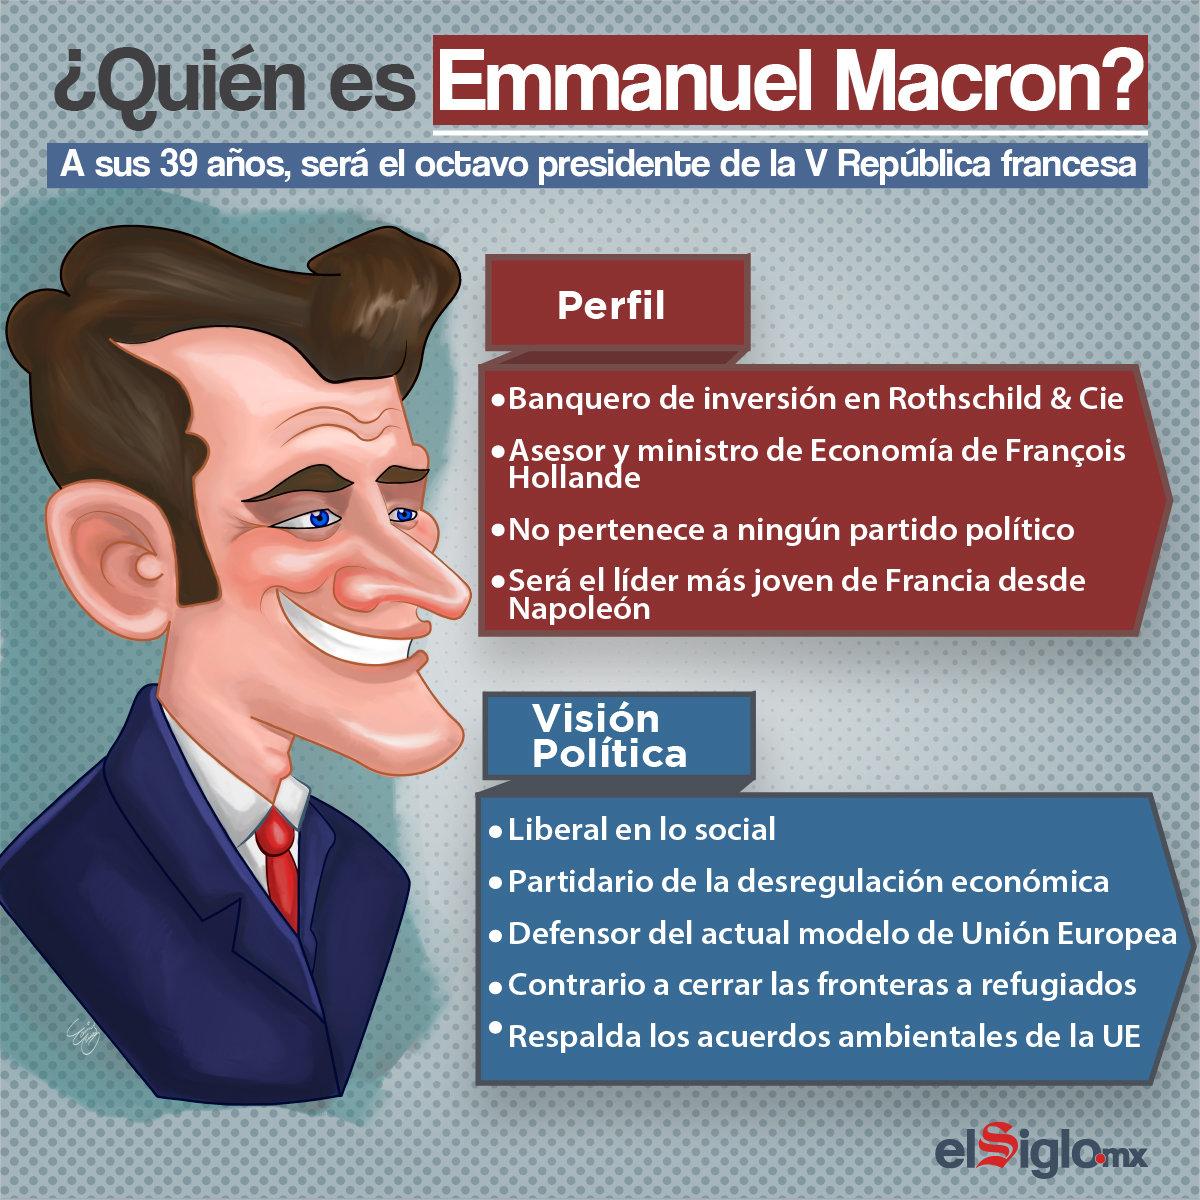 '¿Quién es Emmanuel Macron?